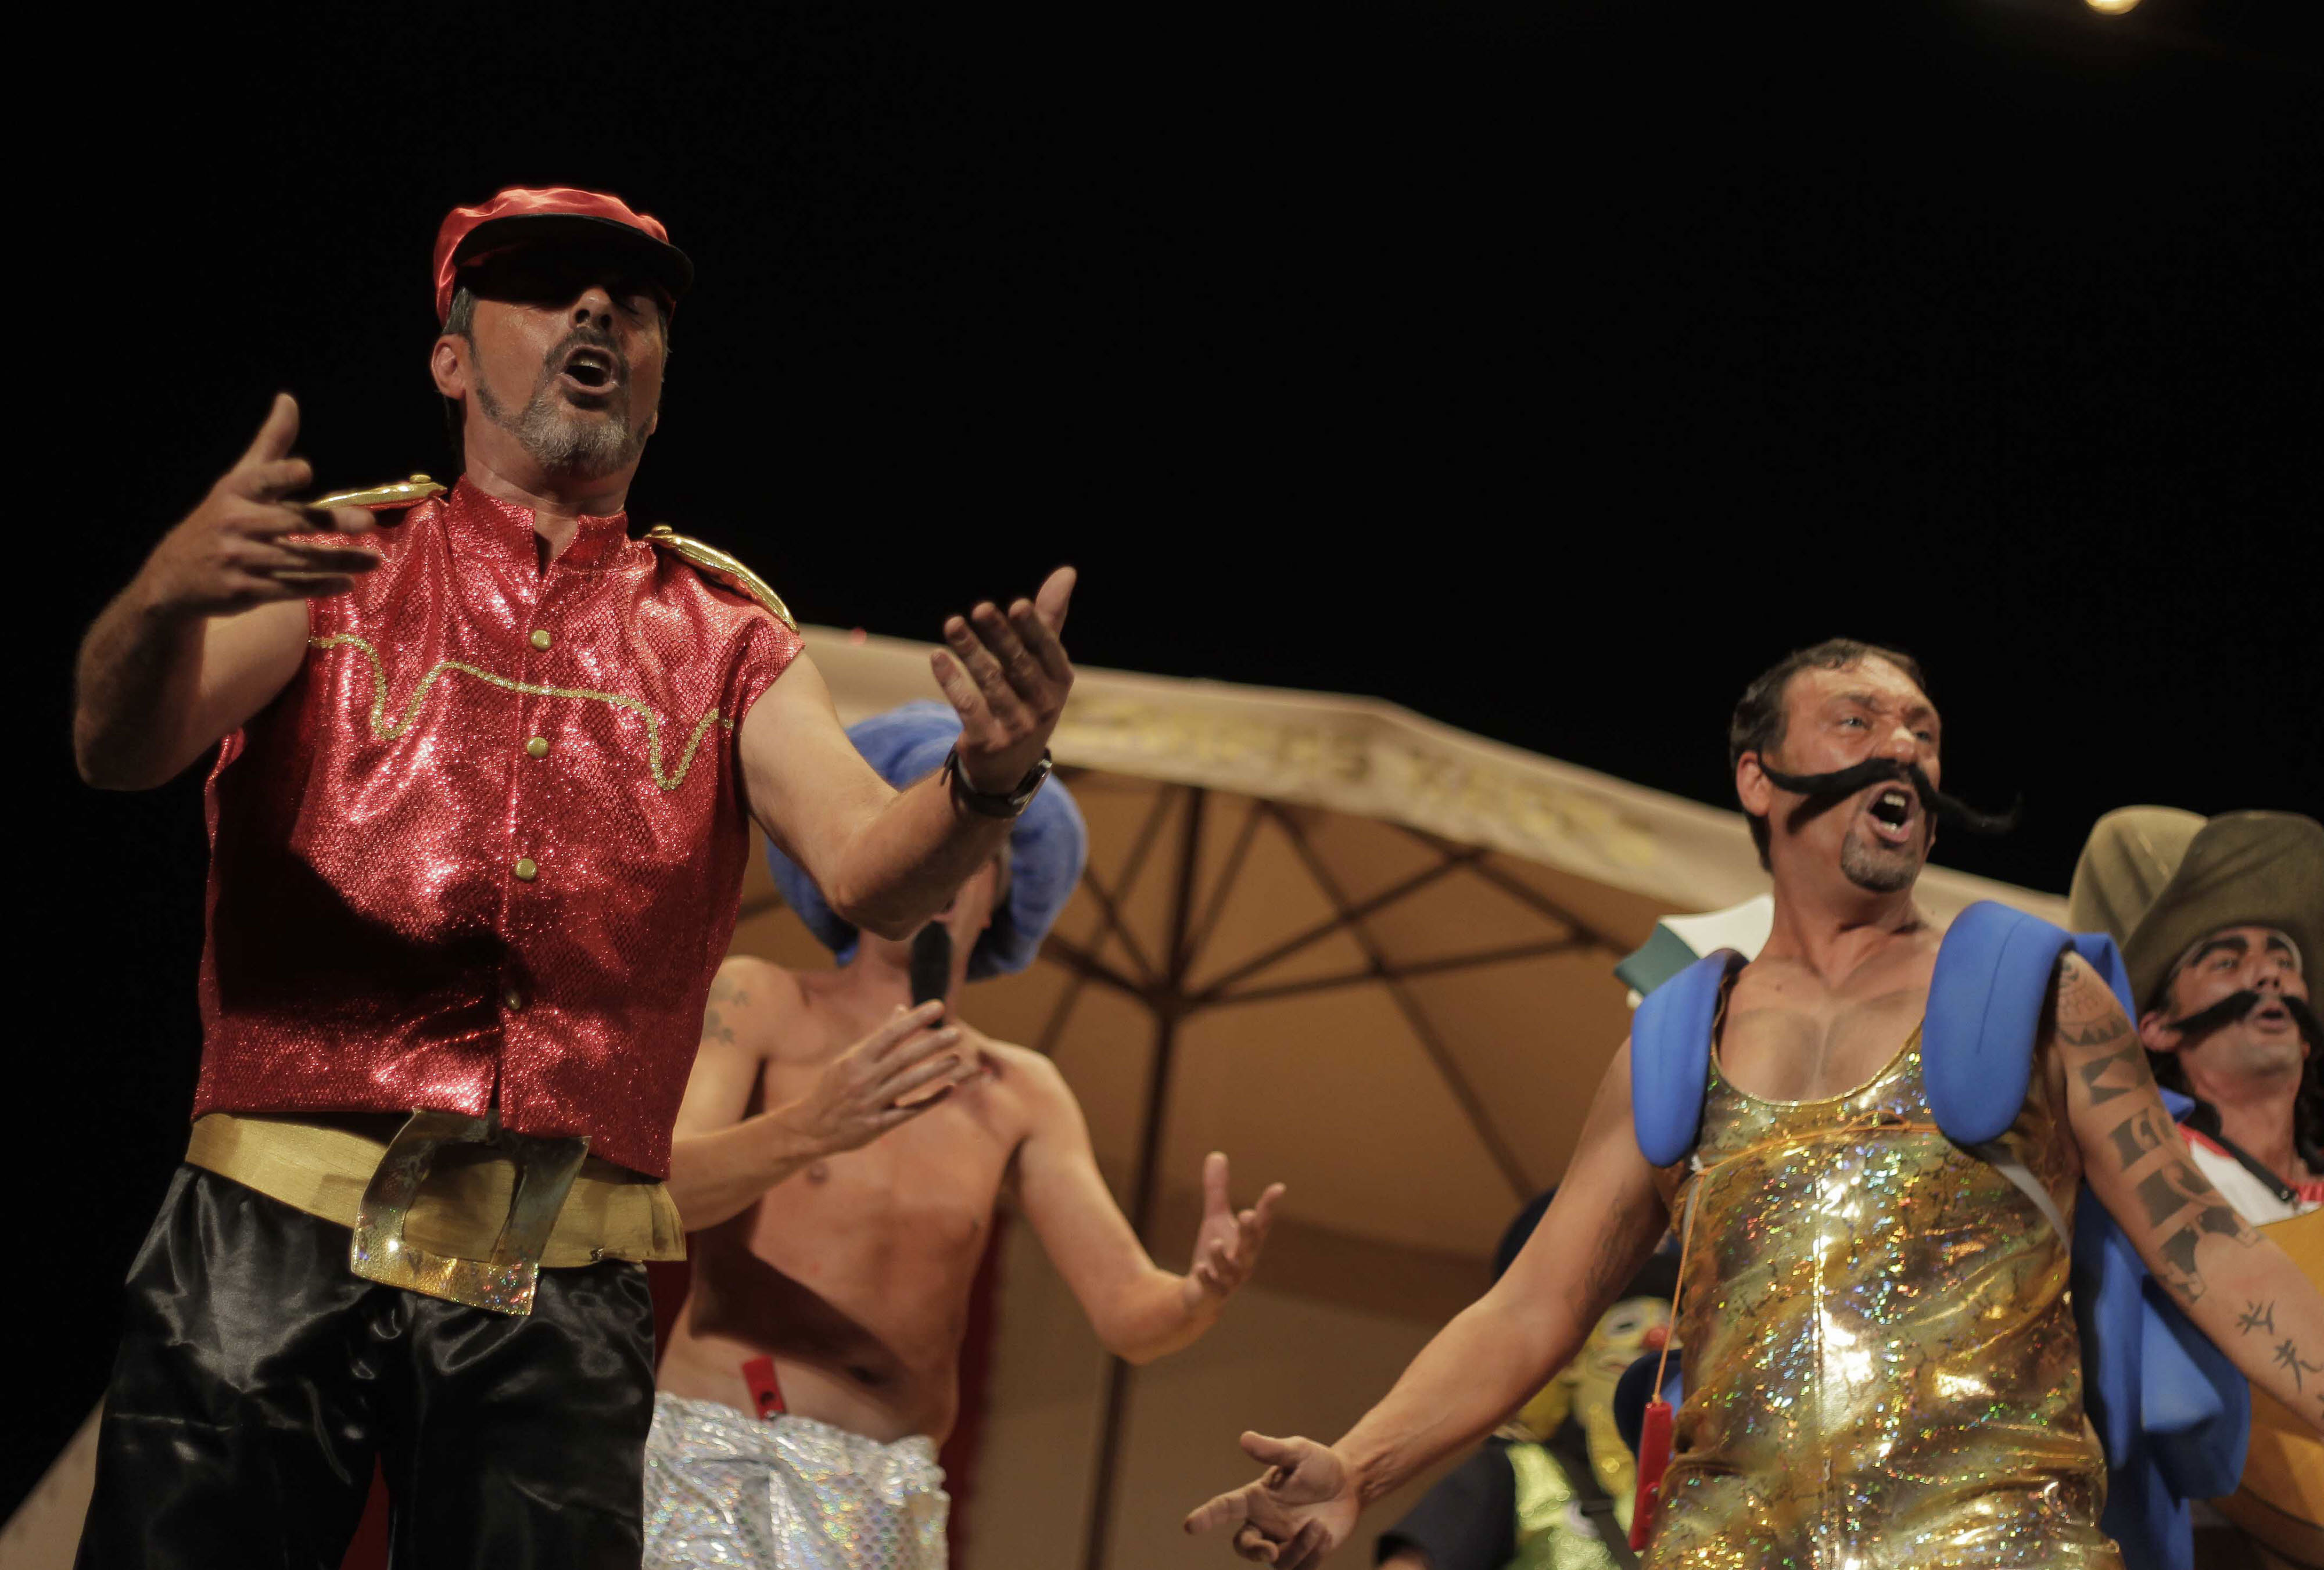 Cinco bajas dejan el Concurso del Carnaval de Cádiz con 132 grupos